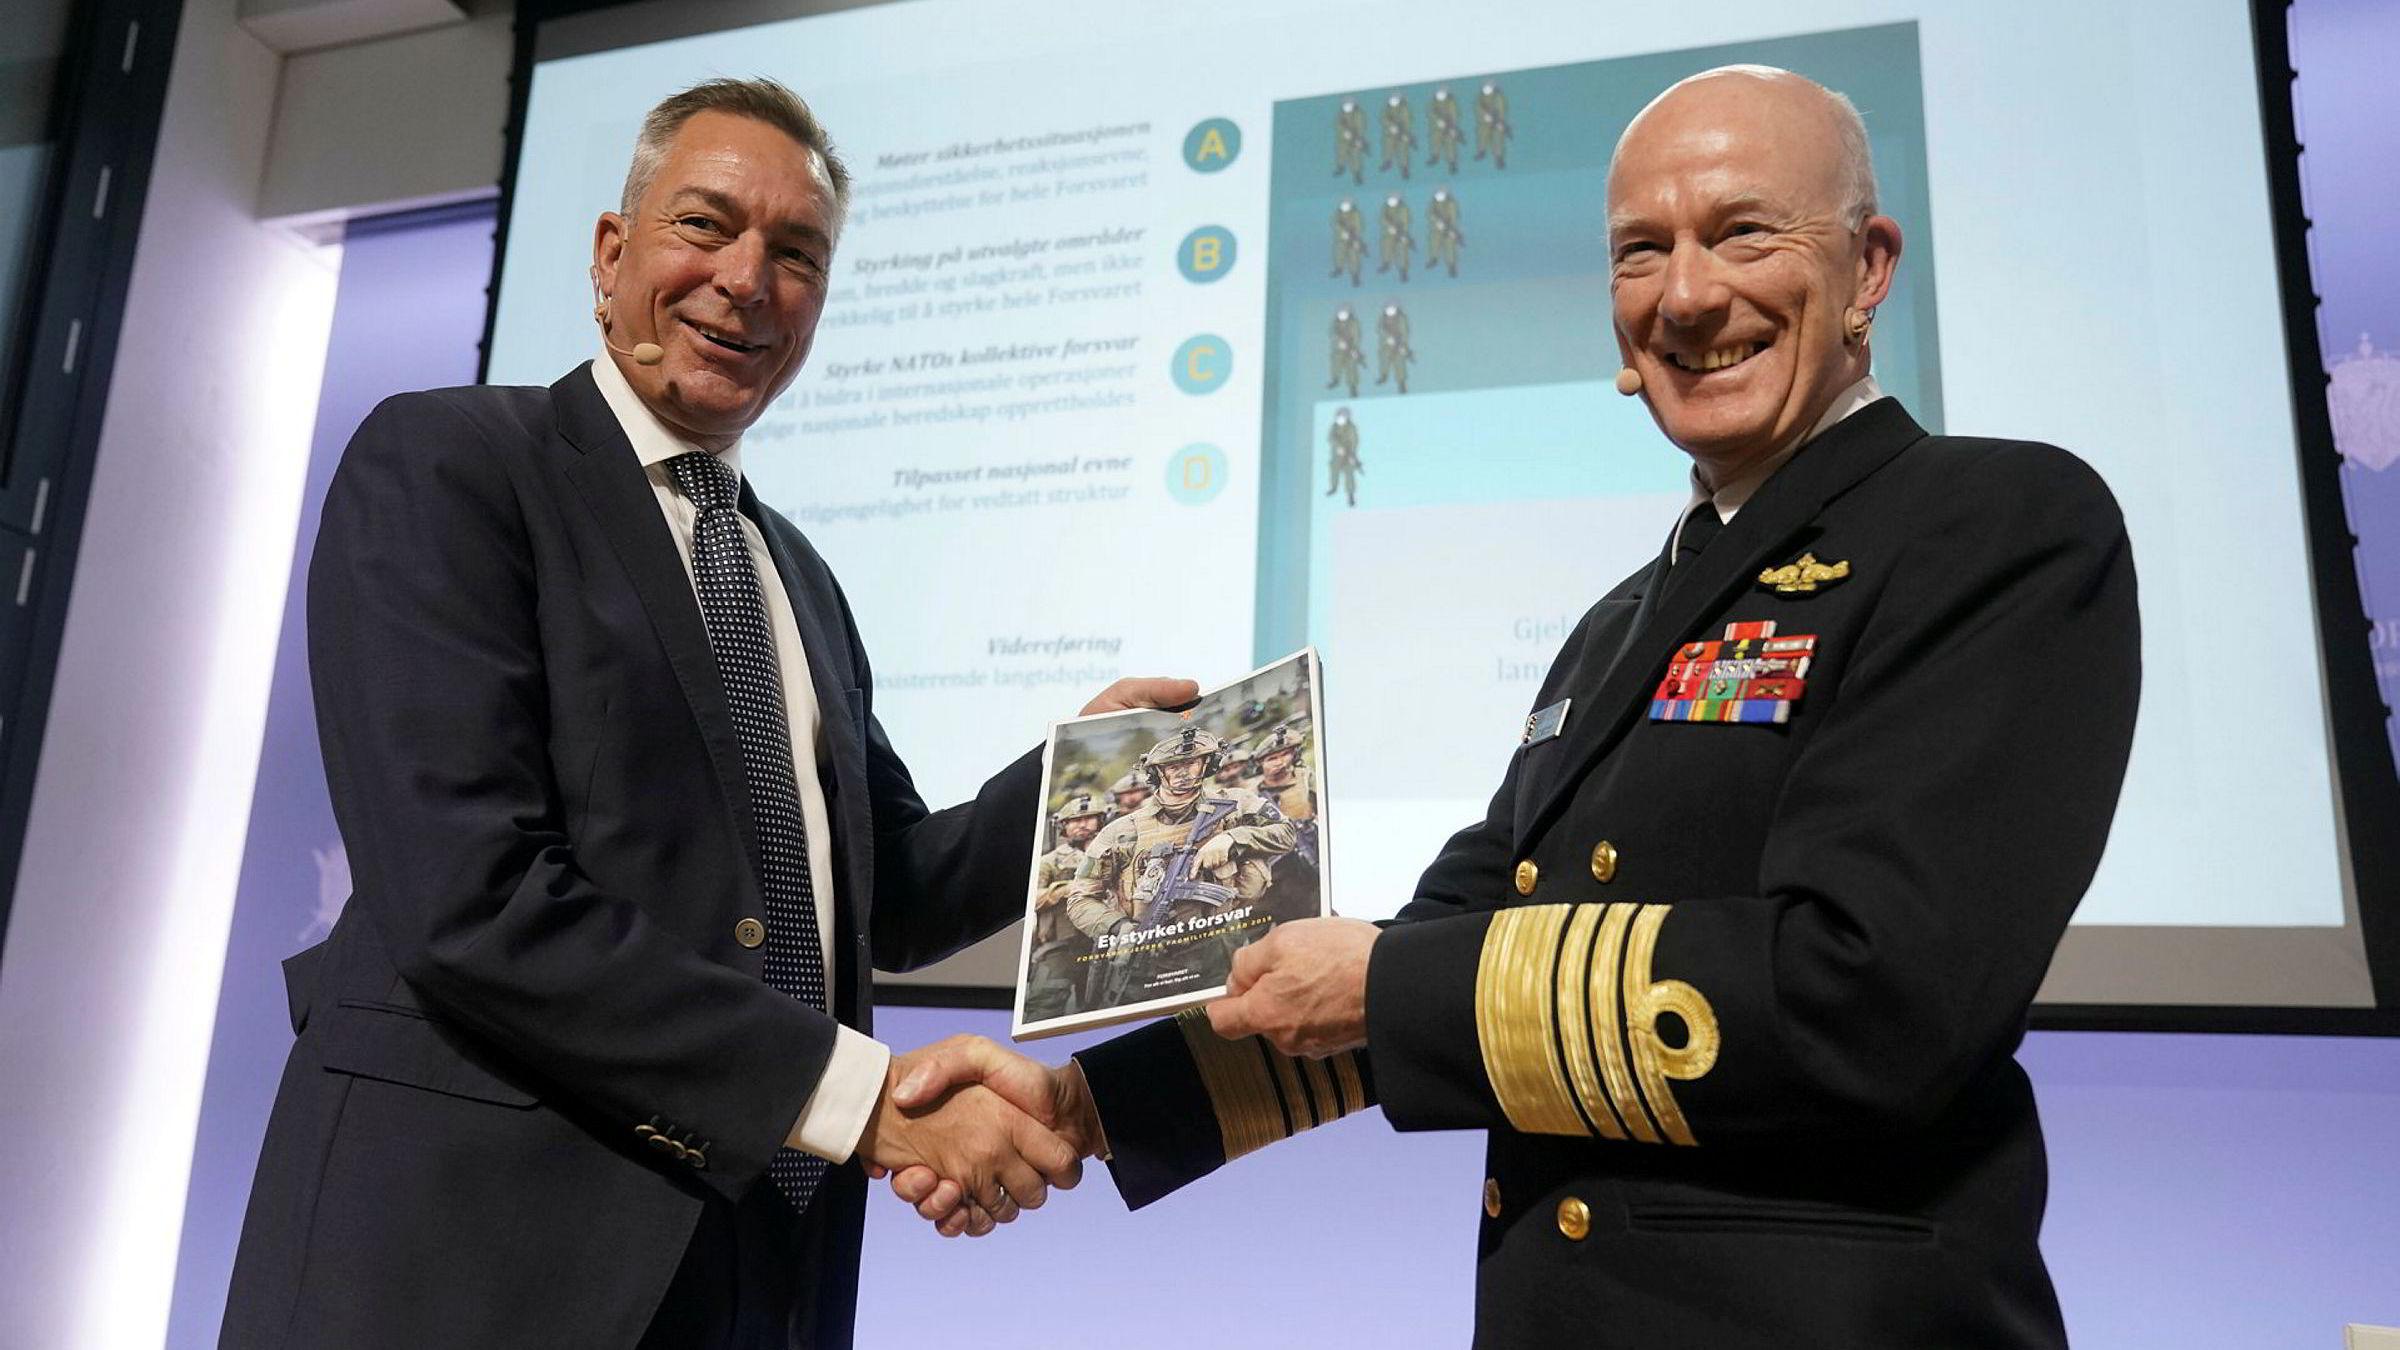 Forsvarssjef Haakon Bruun-Hanssen (til høyre) overleverte i fjor høst sitt fagmilitære råd til forsvarsminister Frank Bakke-Jensen (H). Det vil kreve meget strenge politiske prioriteringer å realisere et mål om to prosent av bnp til forsvar.